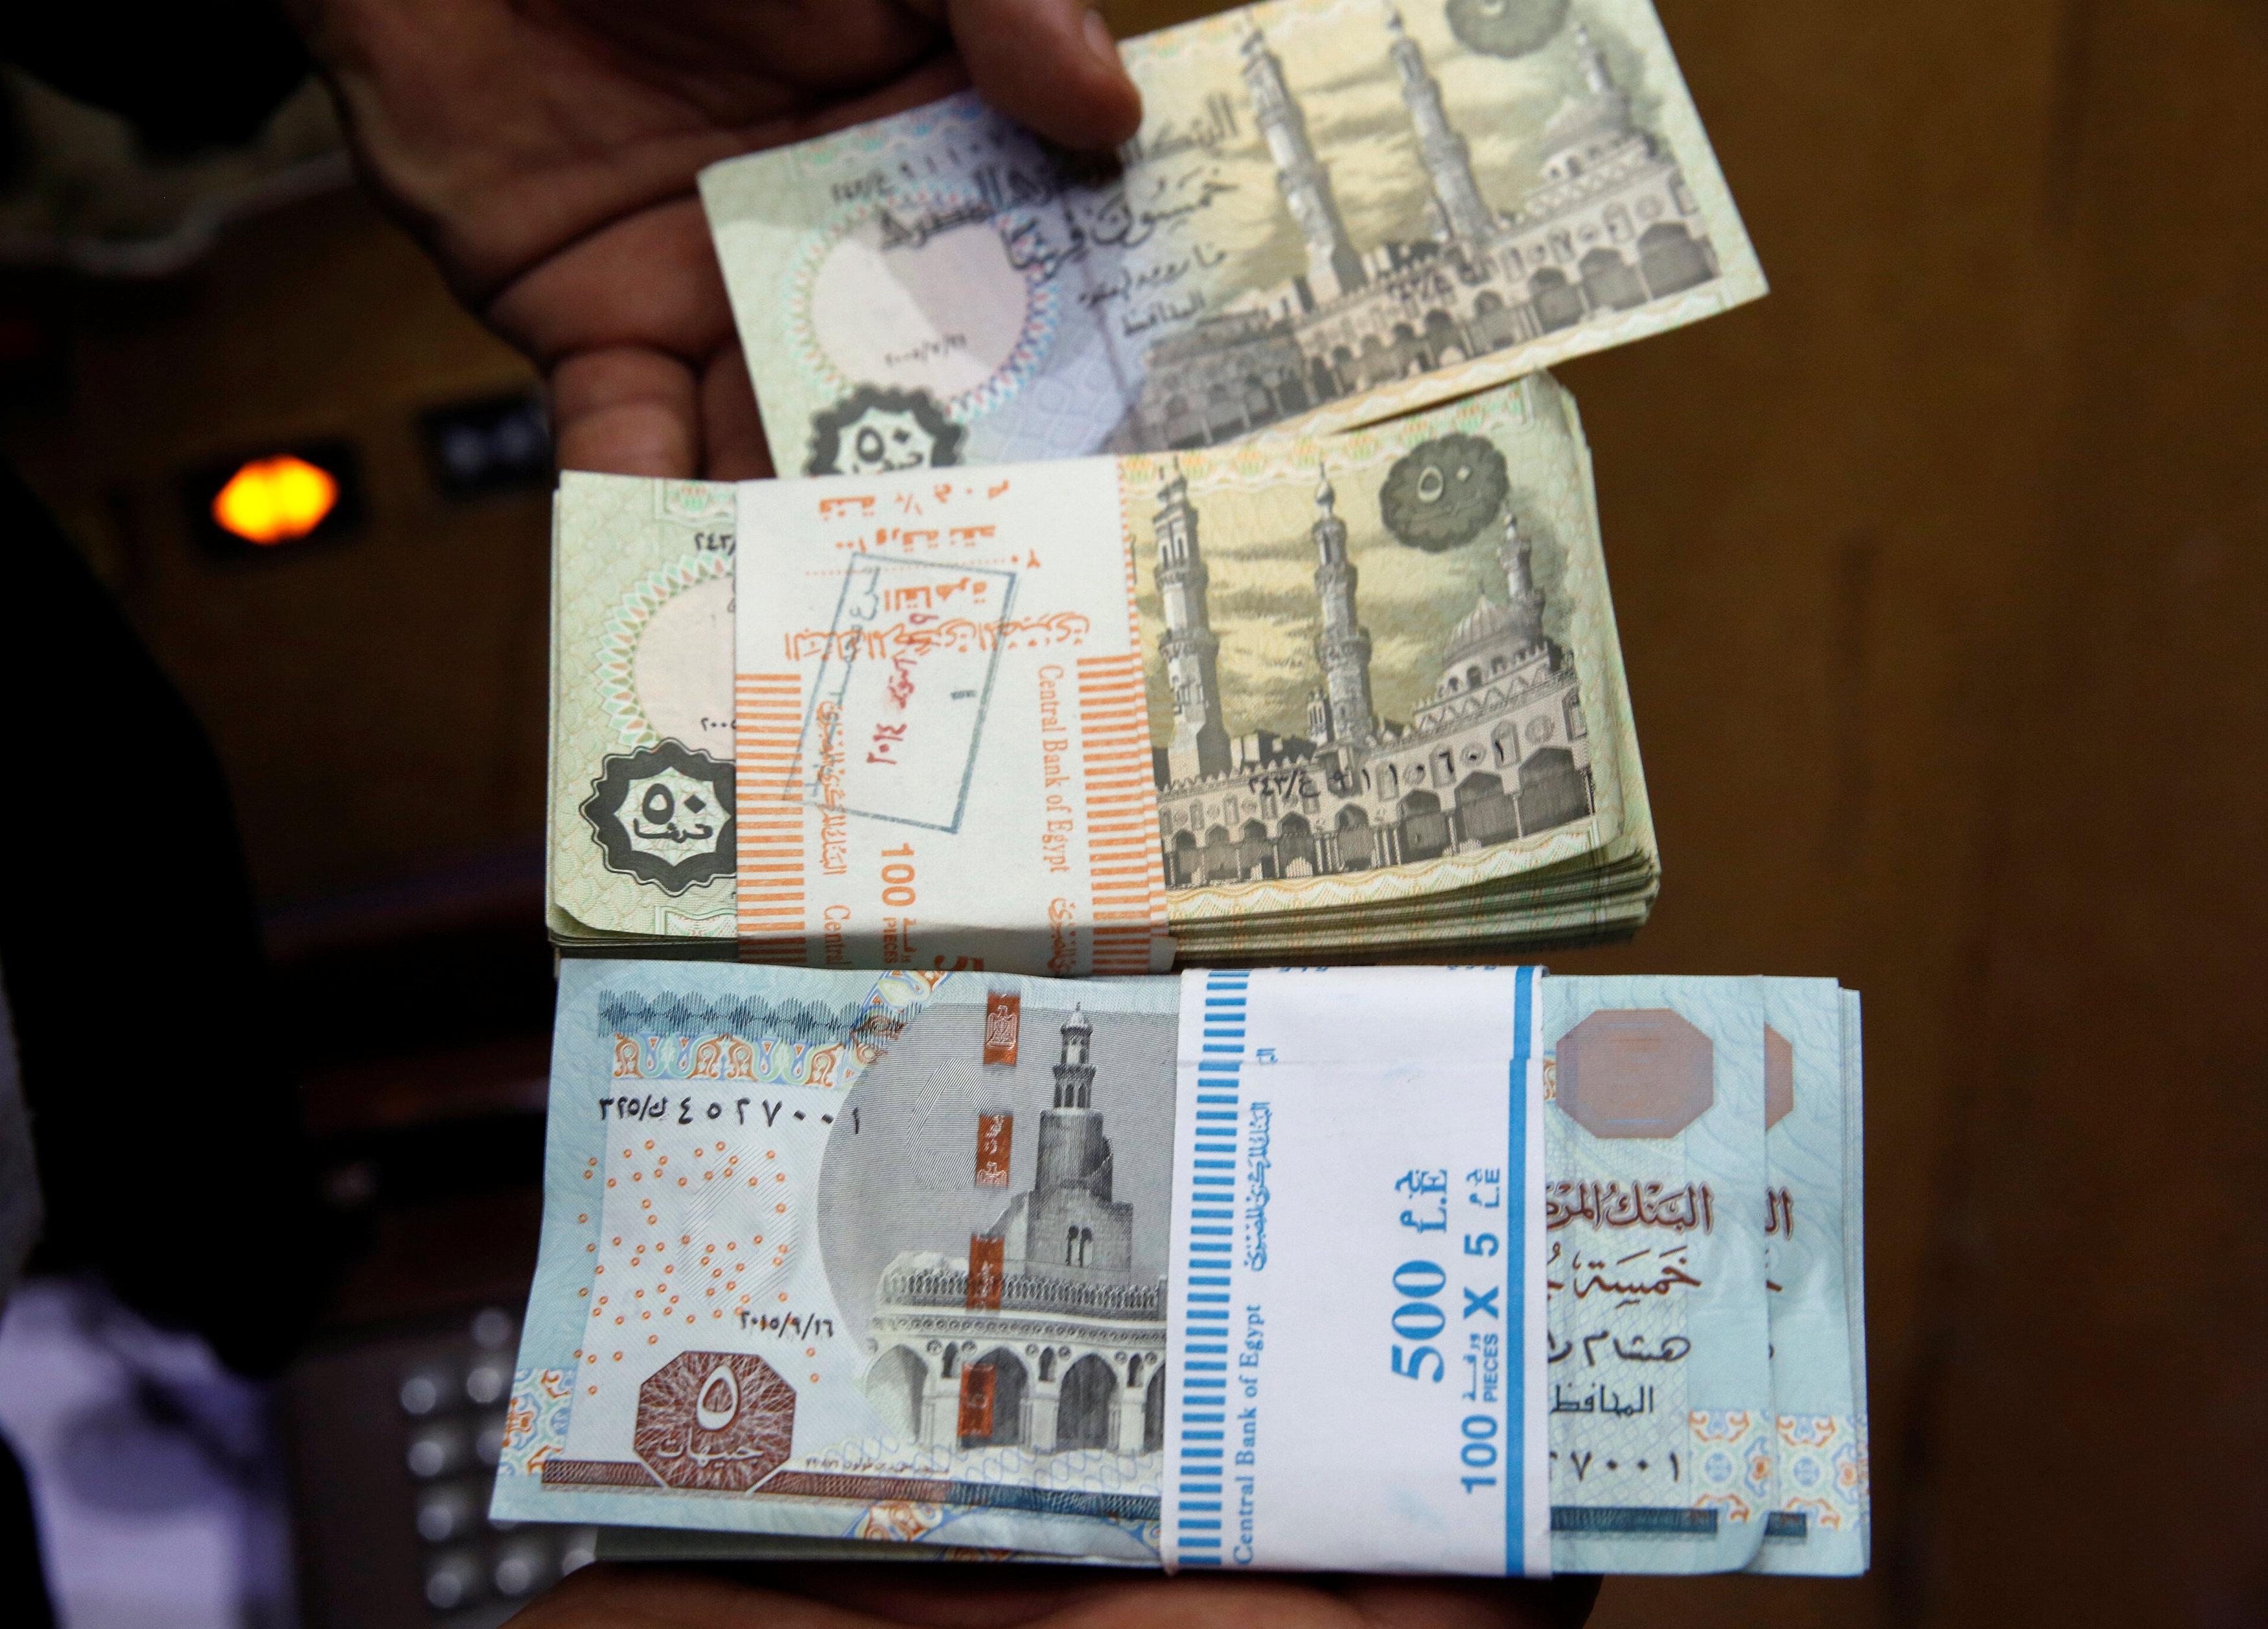 أسعار العملات اليوم الاثنين 11-12-2017 واستقرار سعر الدولار 1238051-الجنيه-المصر